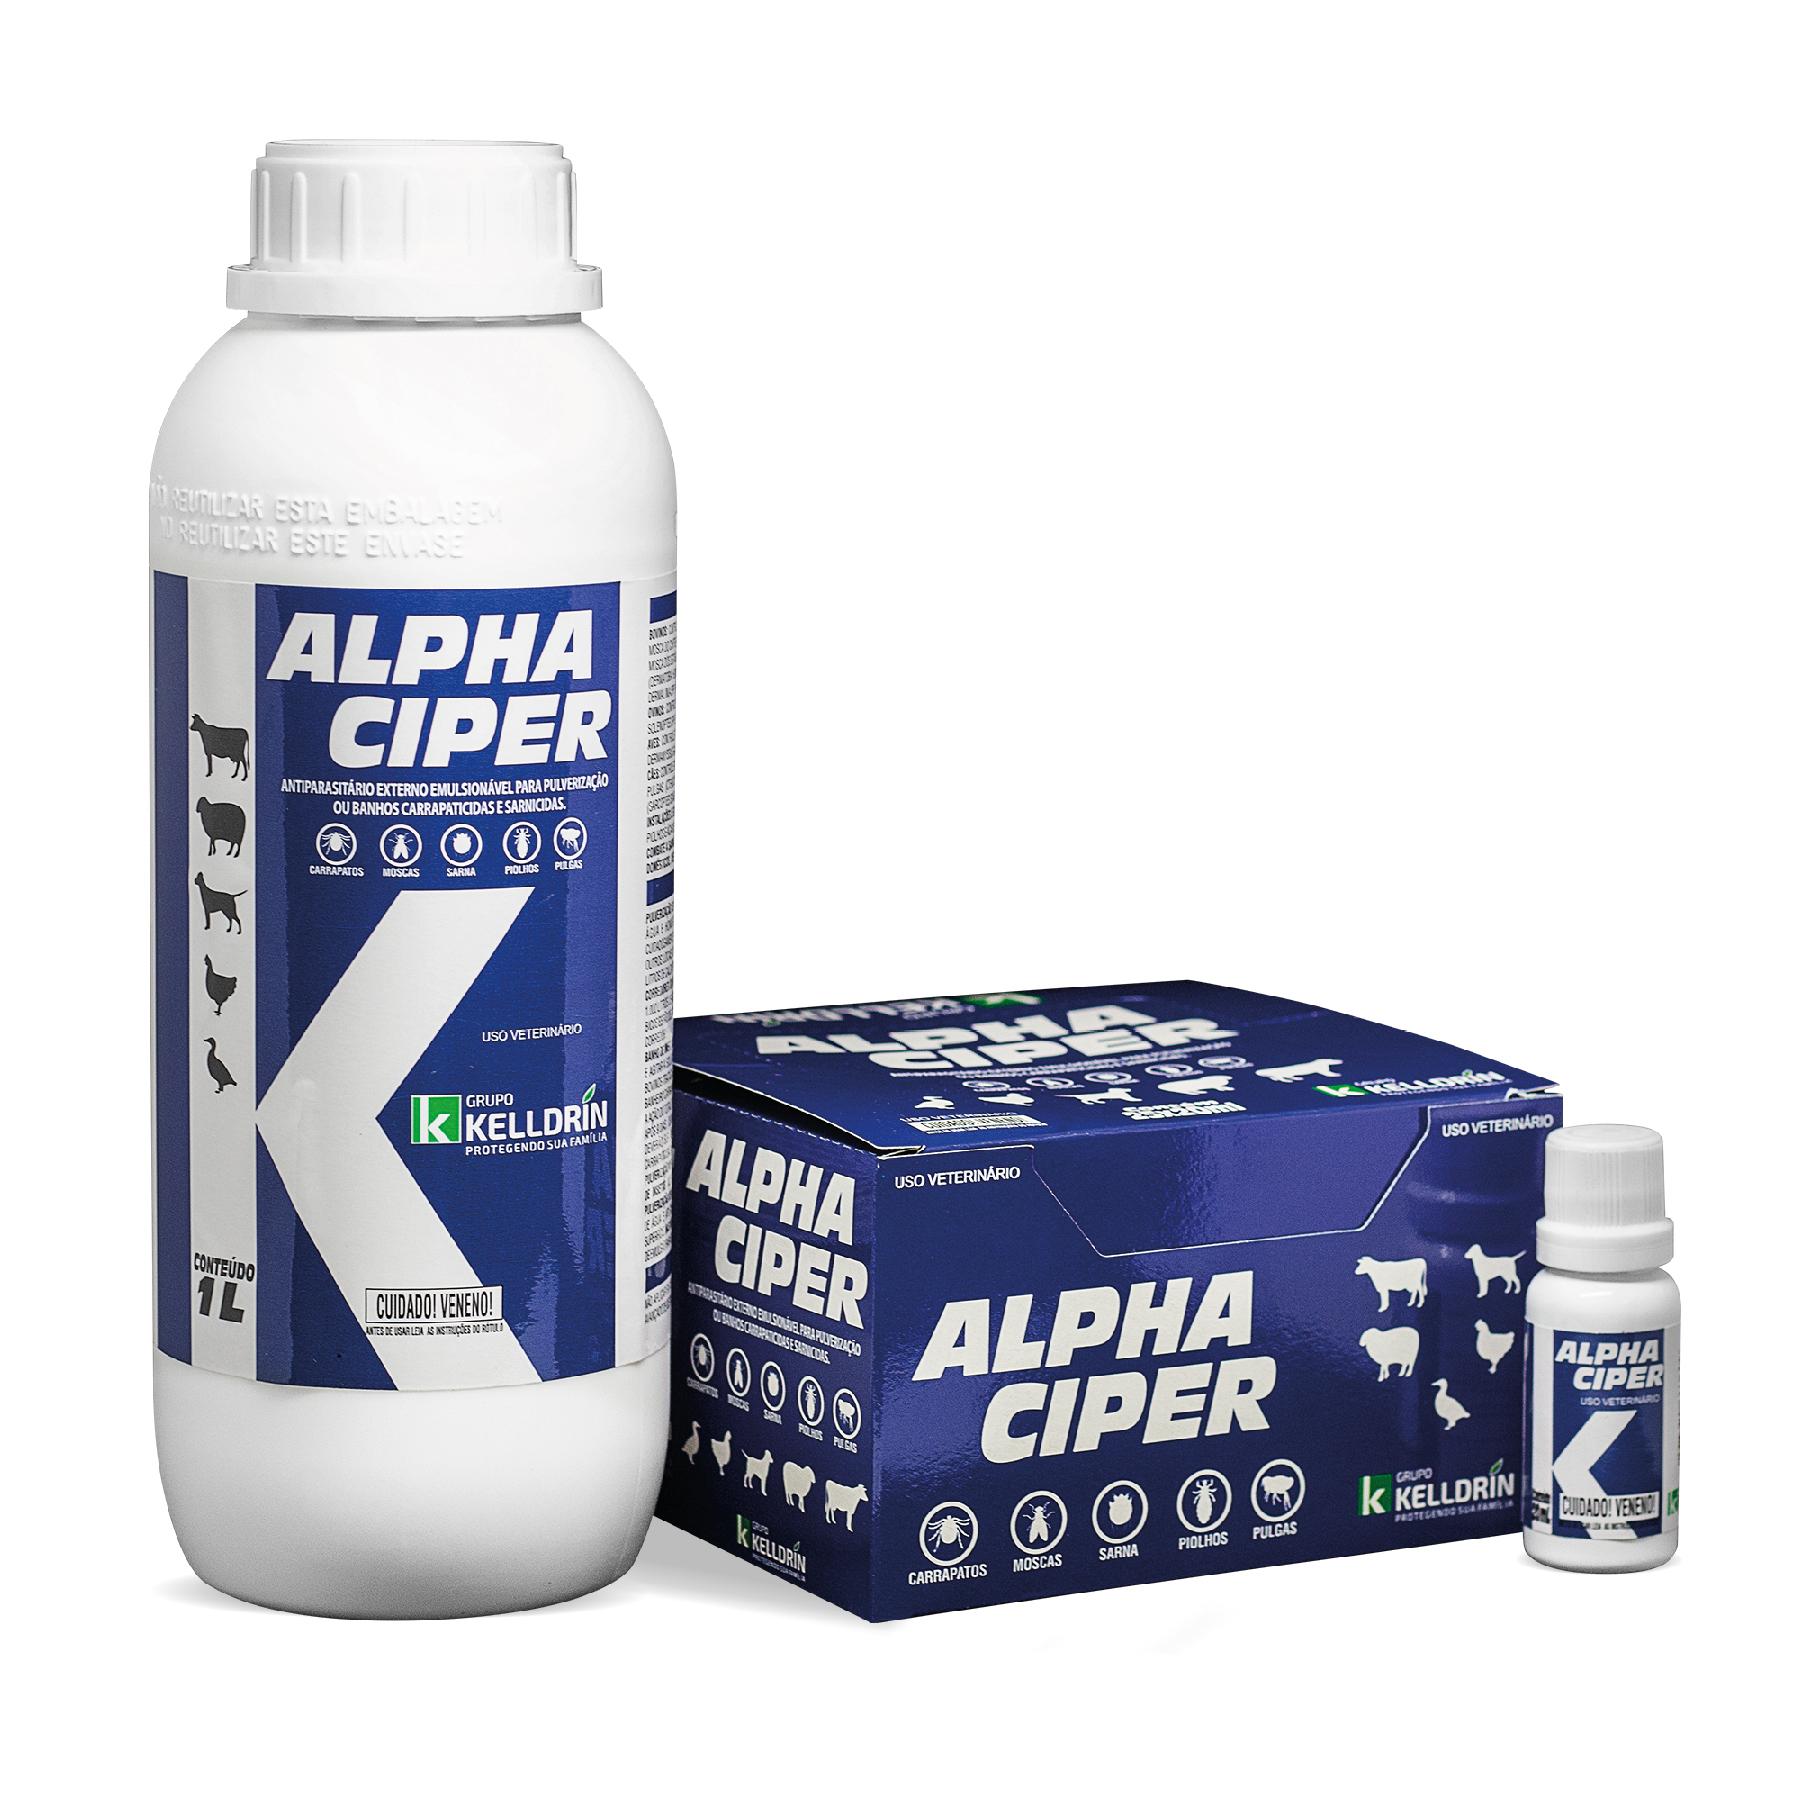 Alpha Ciper - Kelldrin